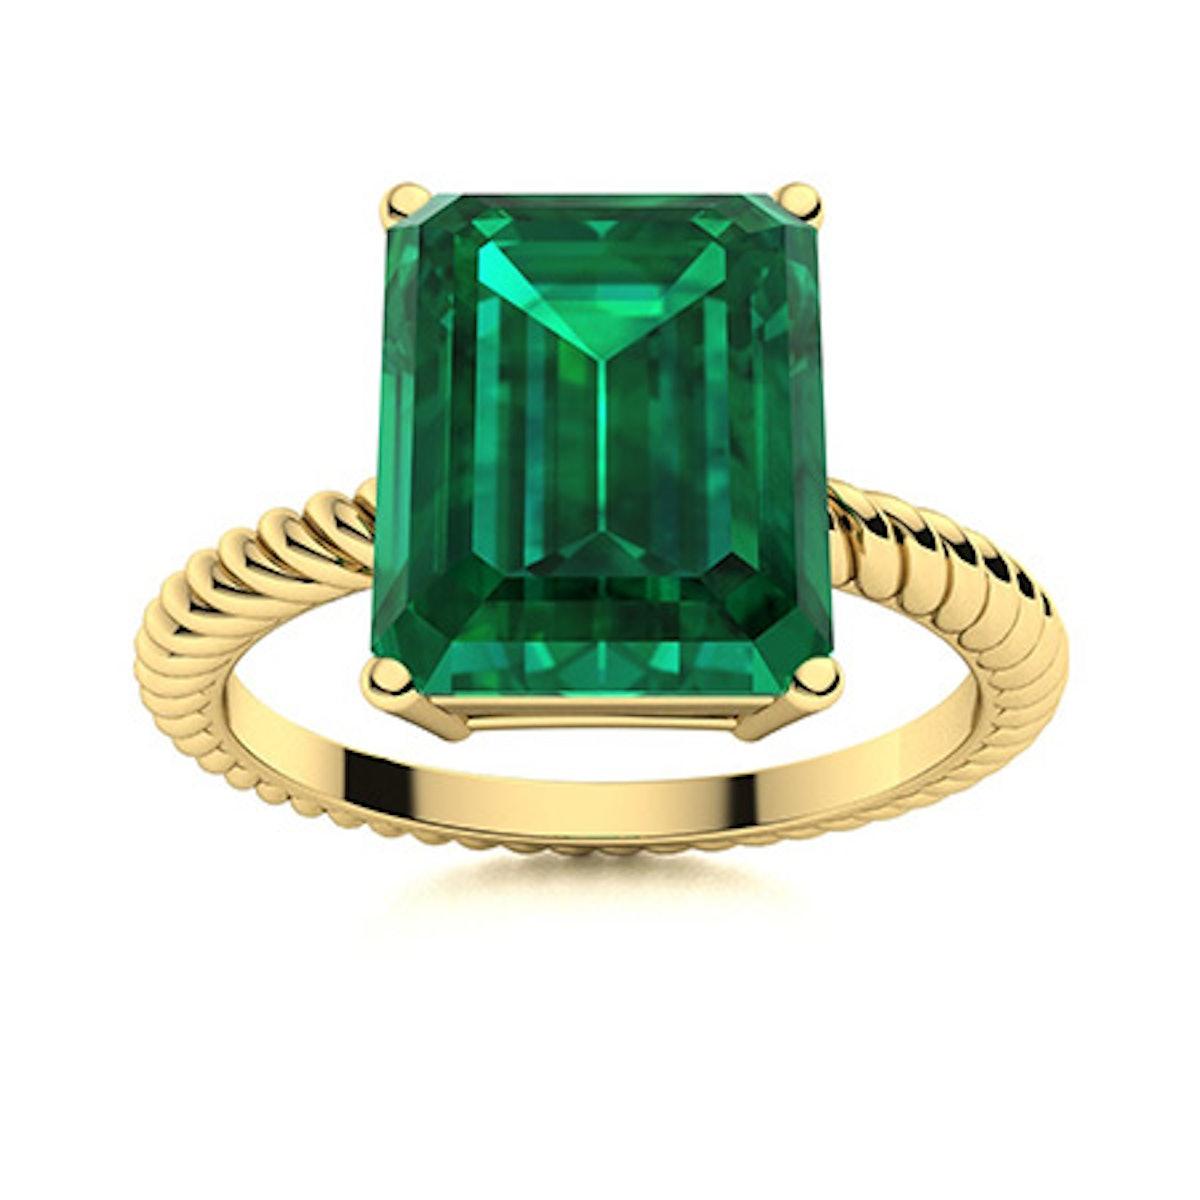 Edie Ring